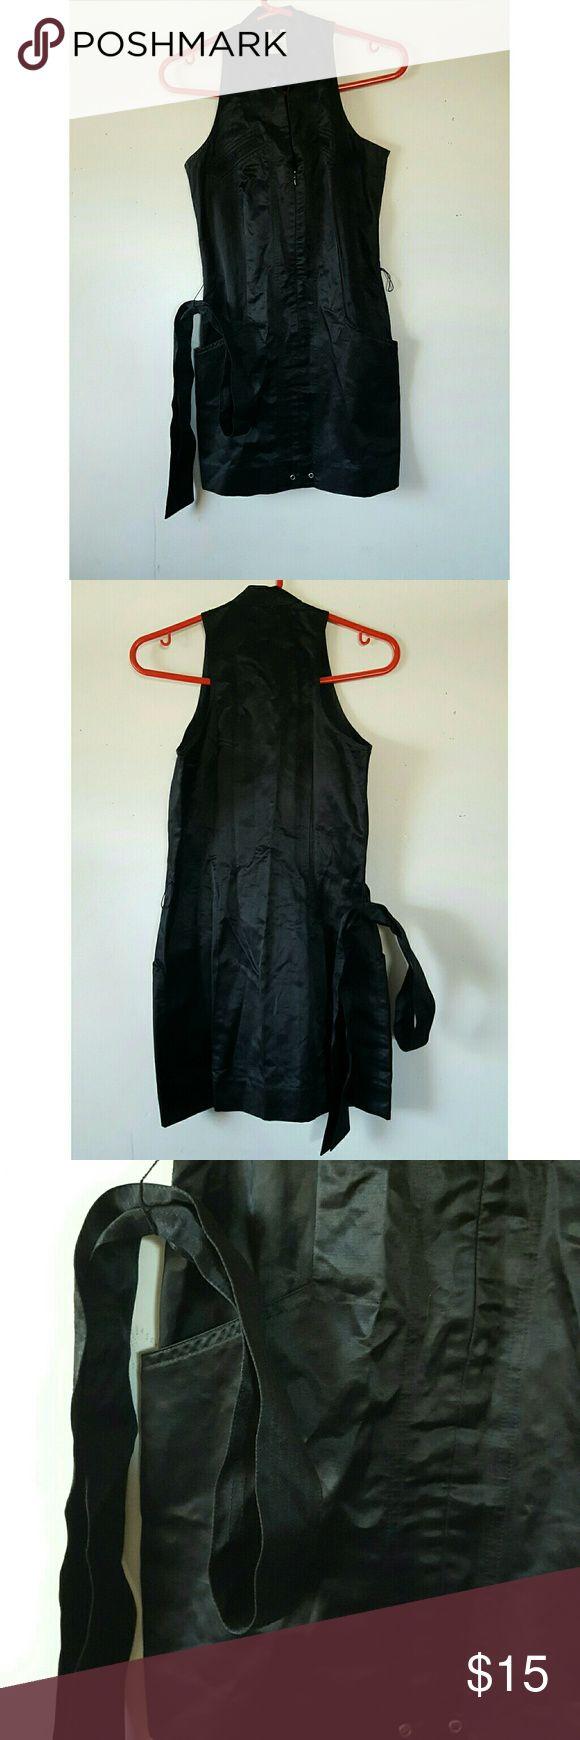 Slim Fit Guess Marciano Dress Very good / Silk slim fit black mini dress L 30' - W 17' Guess by Marciano Dresses Mini